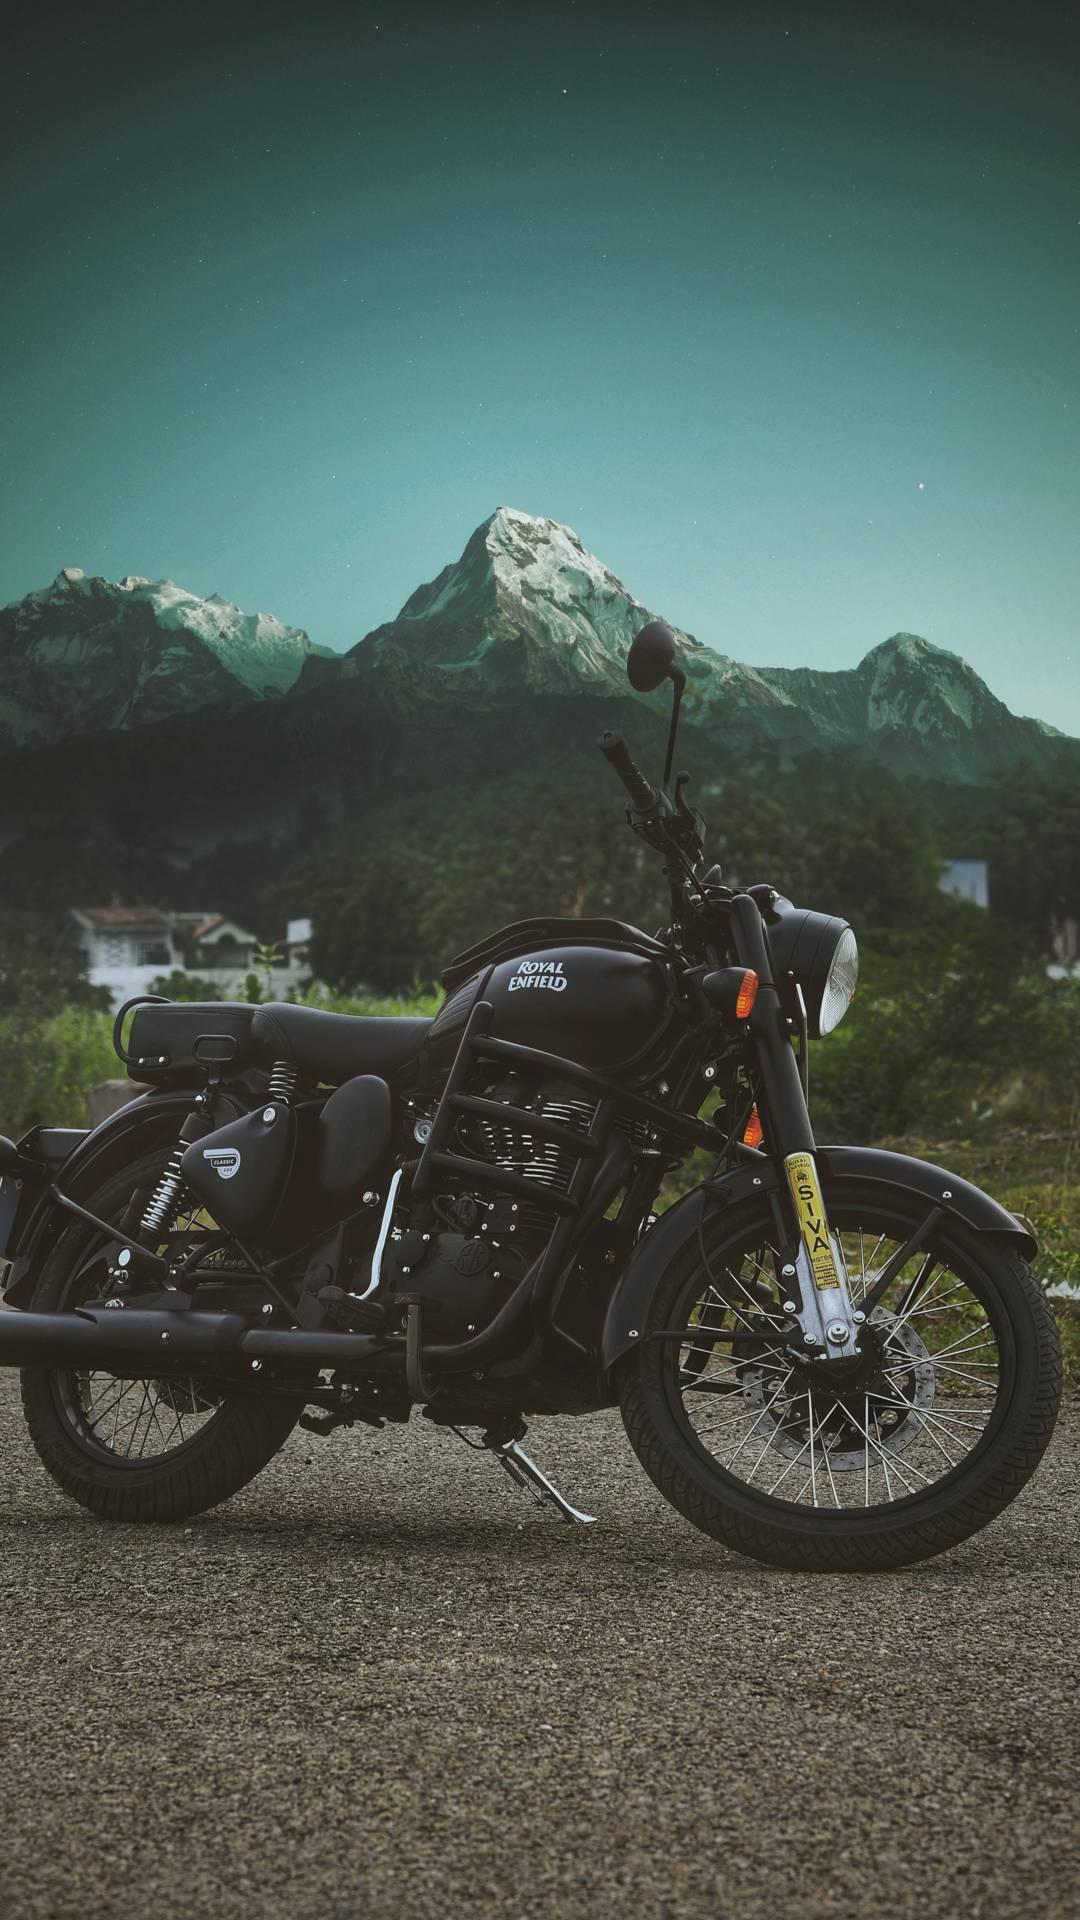 Royal enfield Stealth Black at Himalayas iPhone Wallpaper iPhone Wallpaper